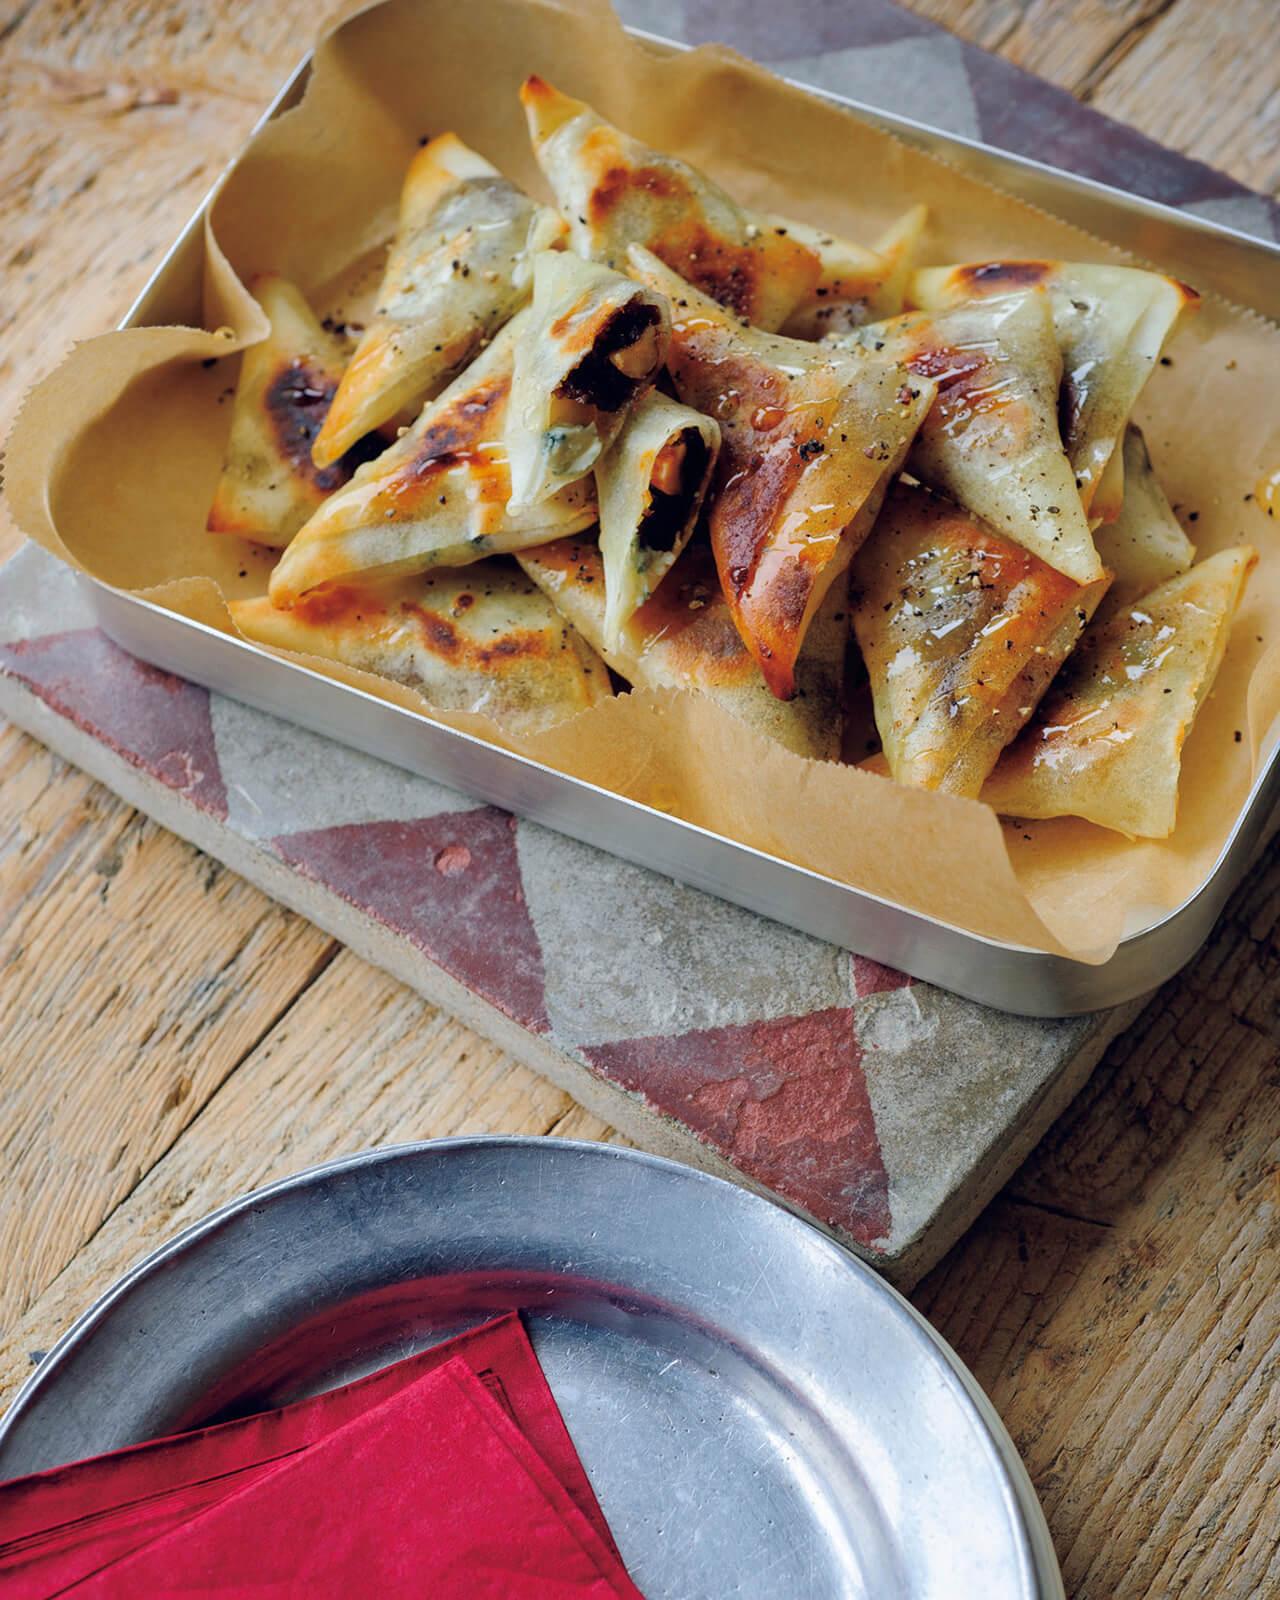 【メスティンレシピ】「ブルーチーズとナッツ、干しいちじくの春巻き」/柚木さとみさん